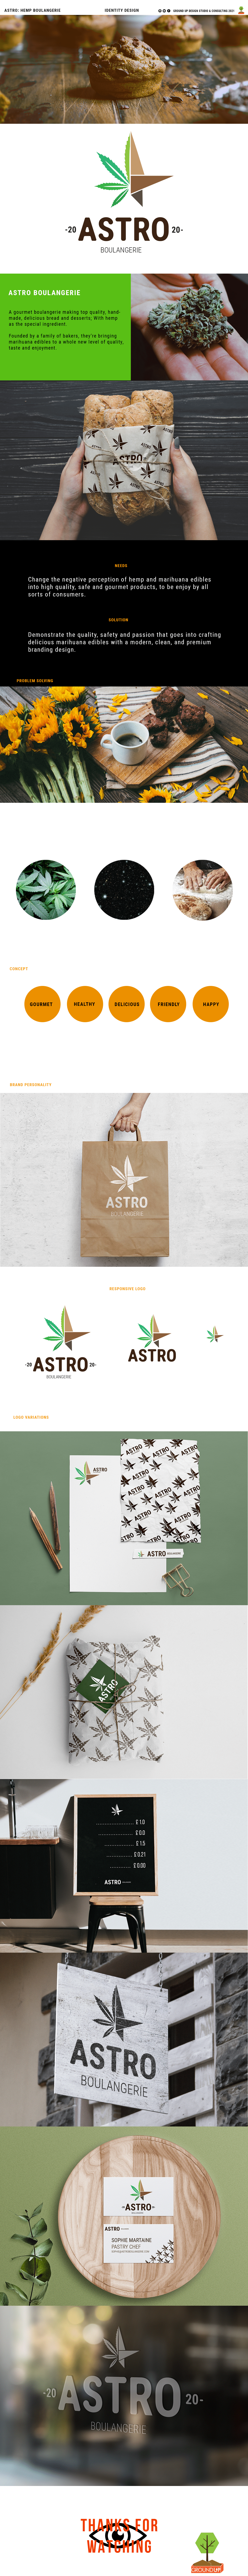 Astro bakers design hemp identity logo marihuana